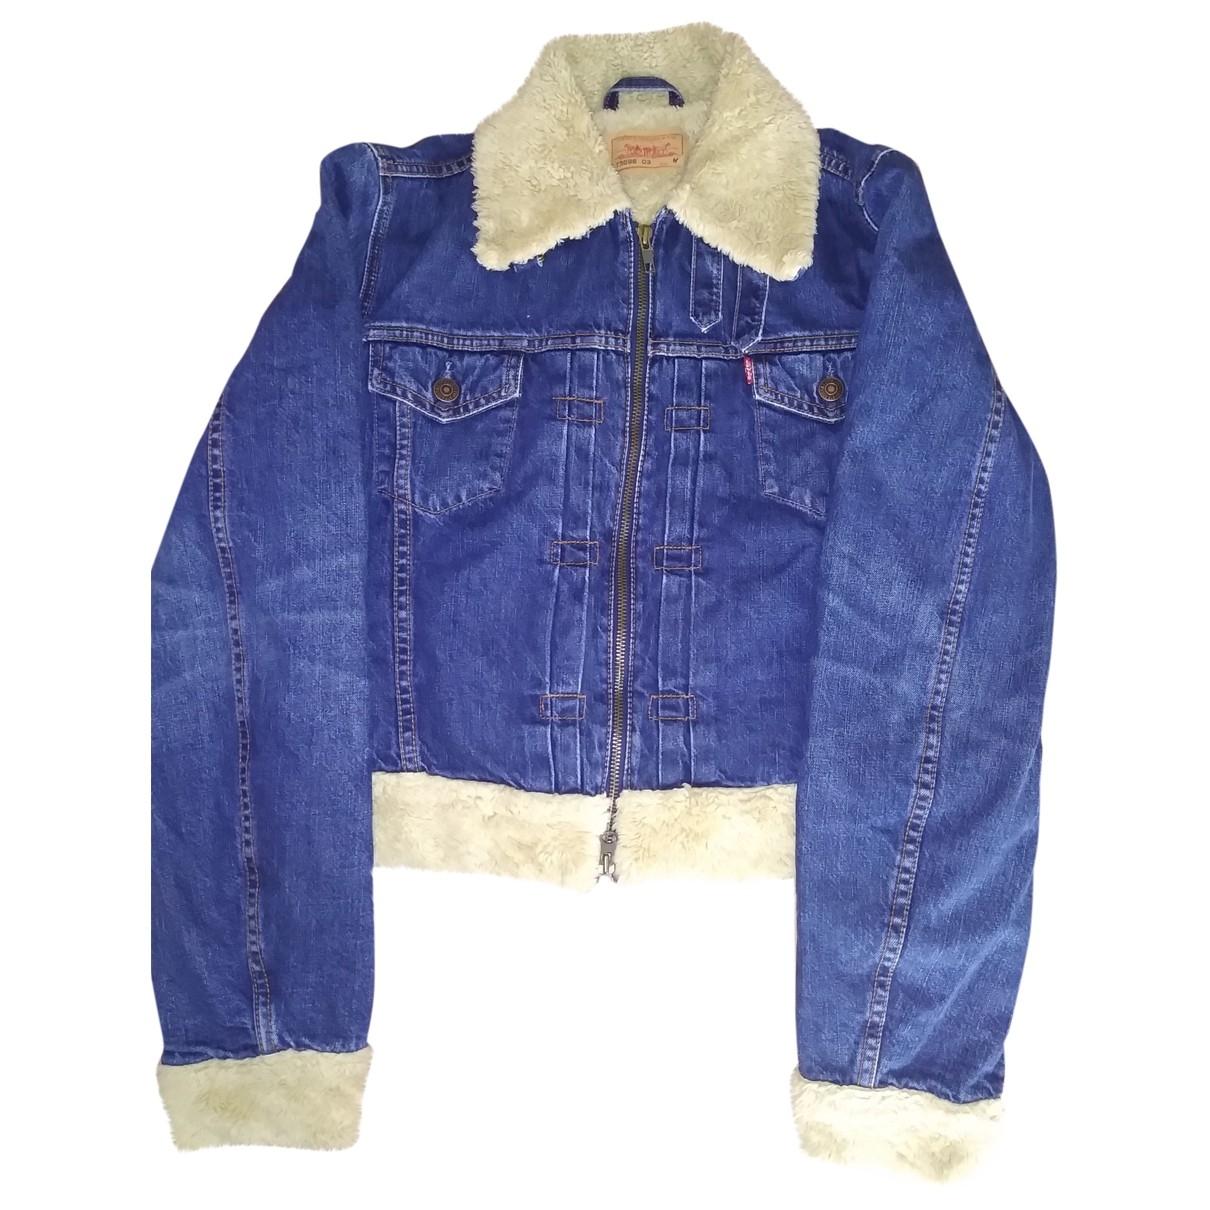 Levis Vintage Clothing \N Lederjacke in  Blau Denim - Jeans